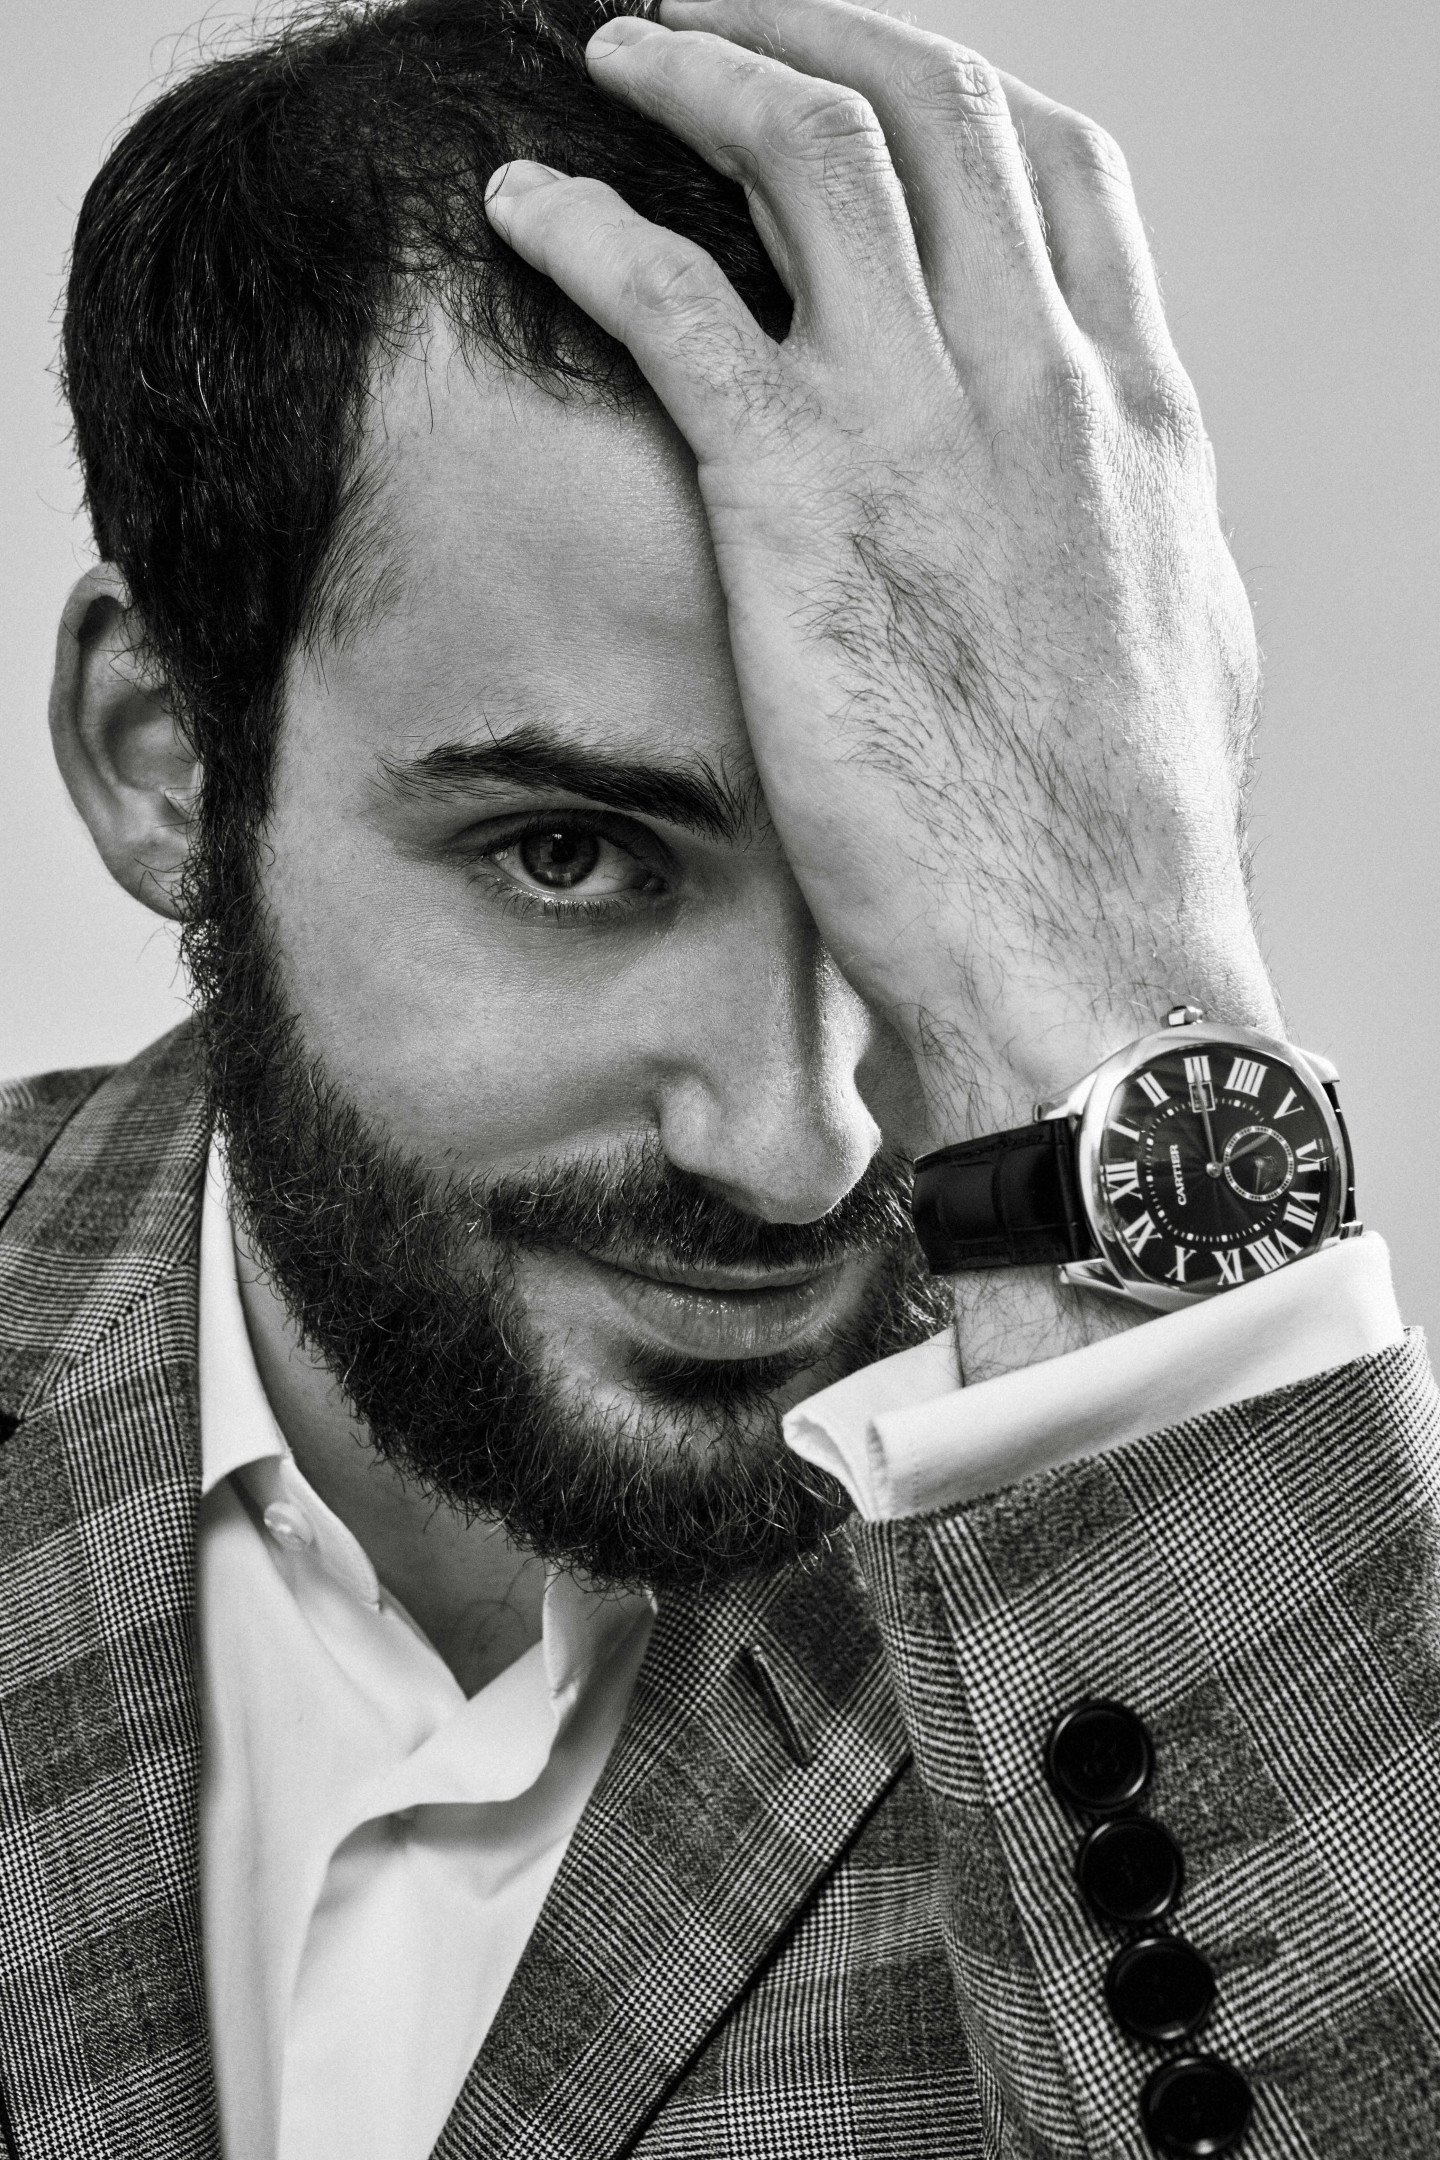 На Льве: пиджак Lanvin, сорочка Van Laack, запонки Cartier, часы Drive de Cartier